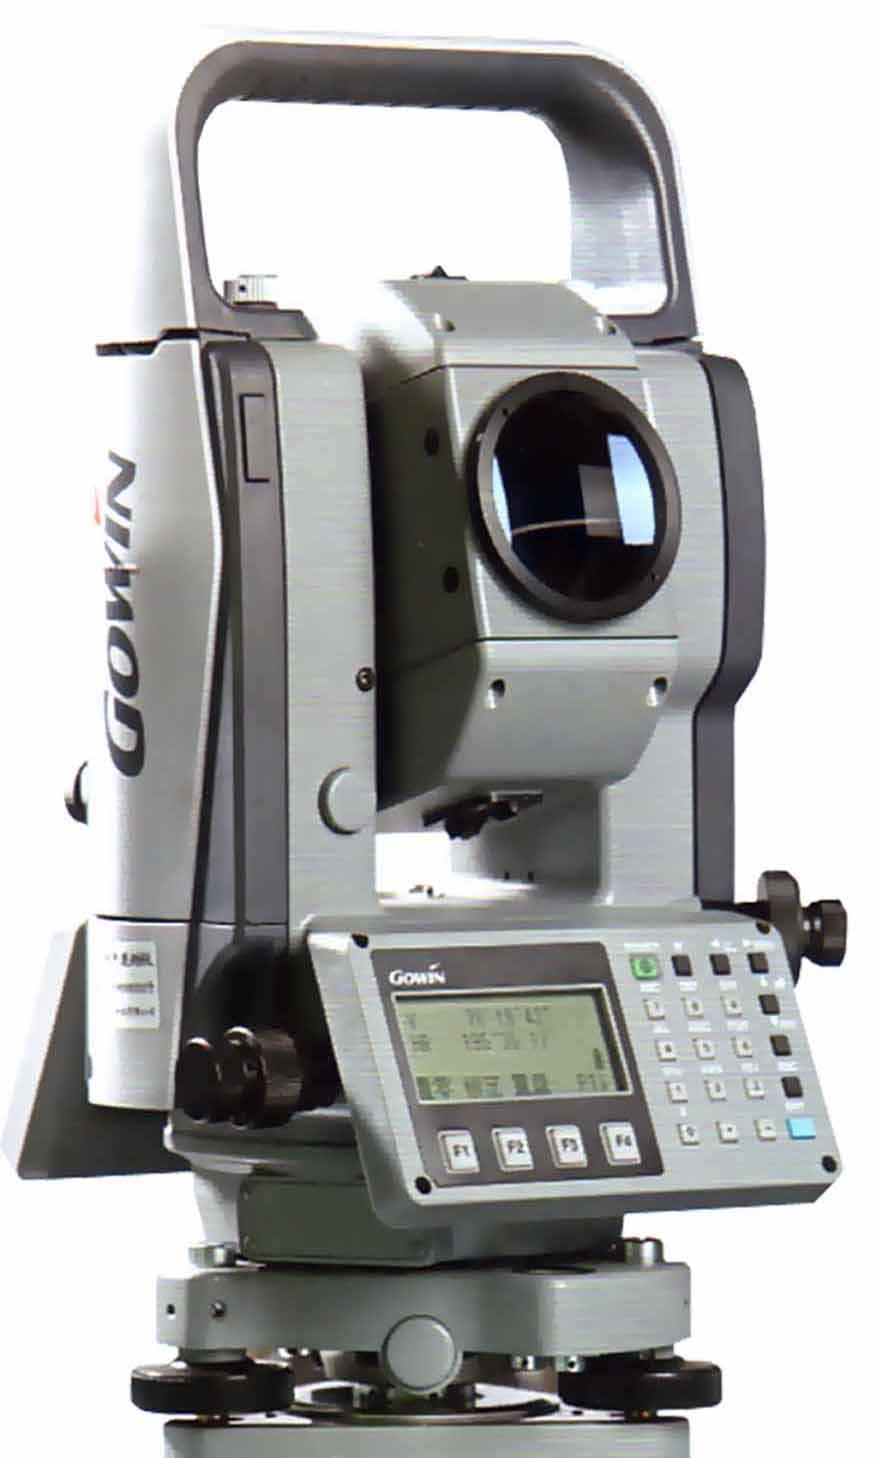 กล้องประมวลผลรวม(มือสอง) GOWIN  รุ่น TKS-202